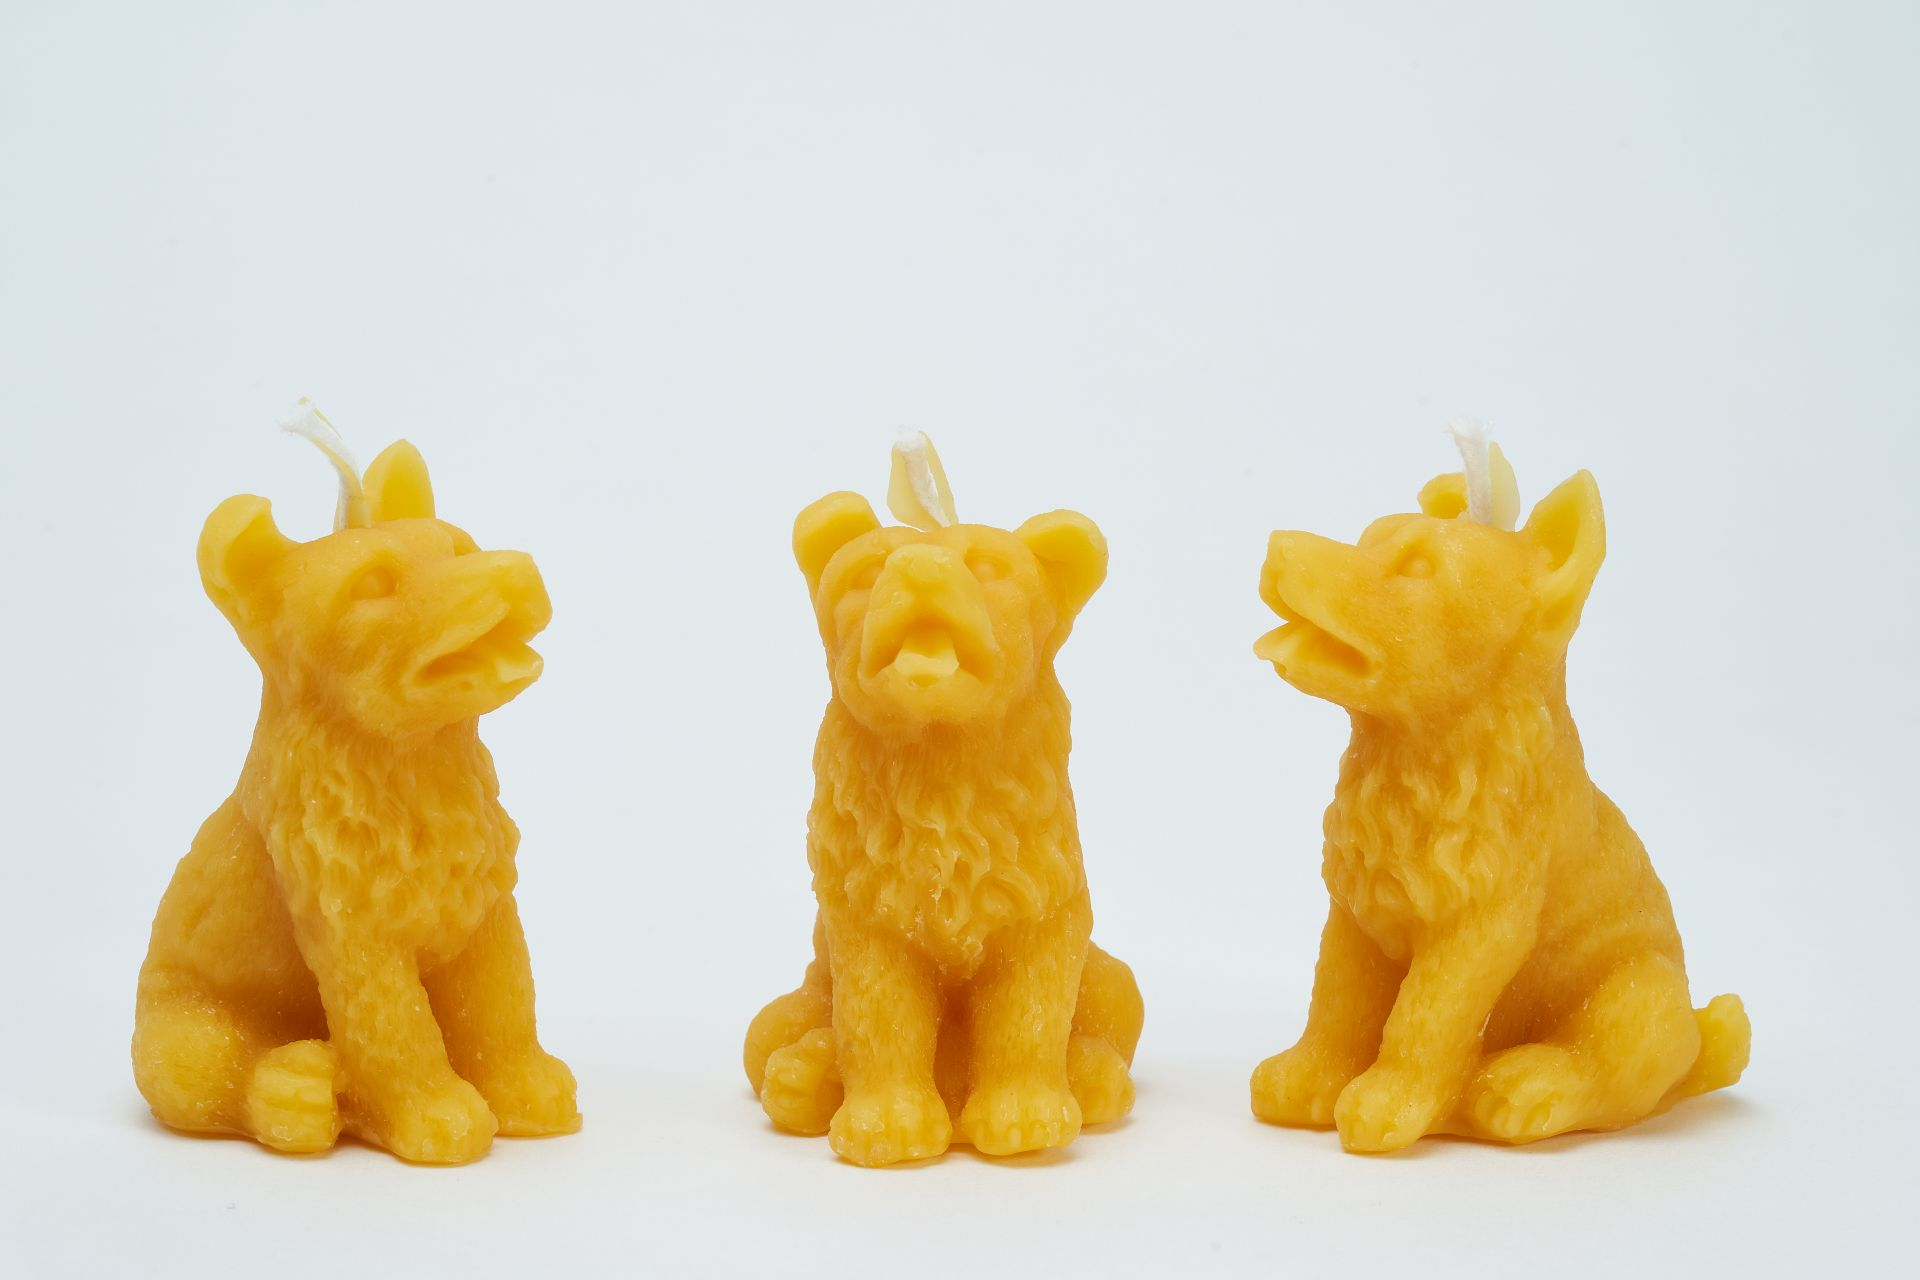 3x Kerze Motiv Hund (Höhe ca. 7cm) aus 100% Bienenwachs vom Imker